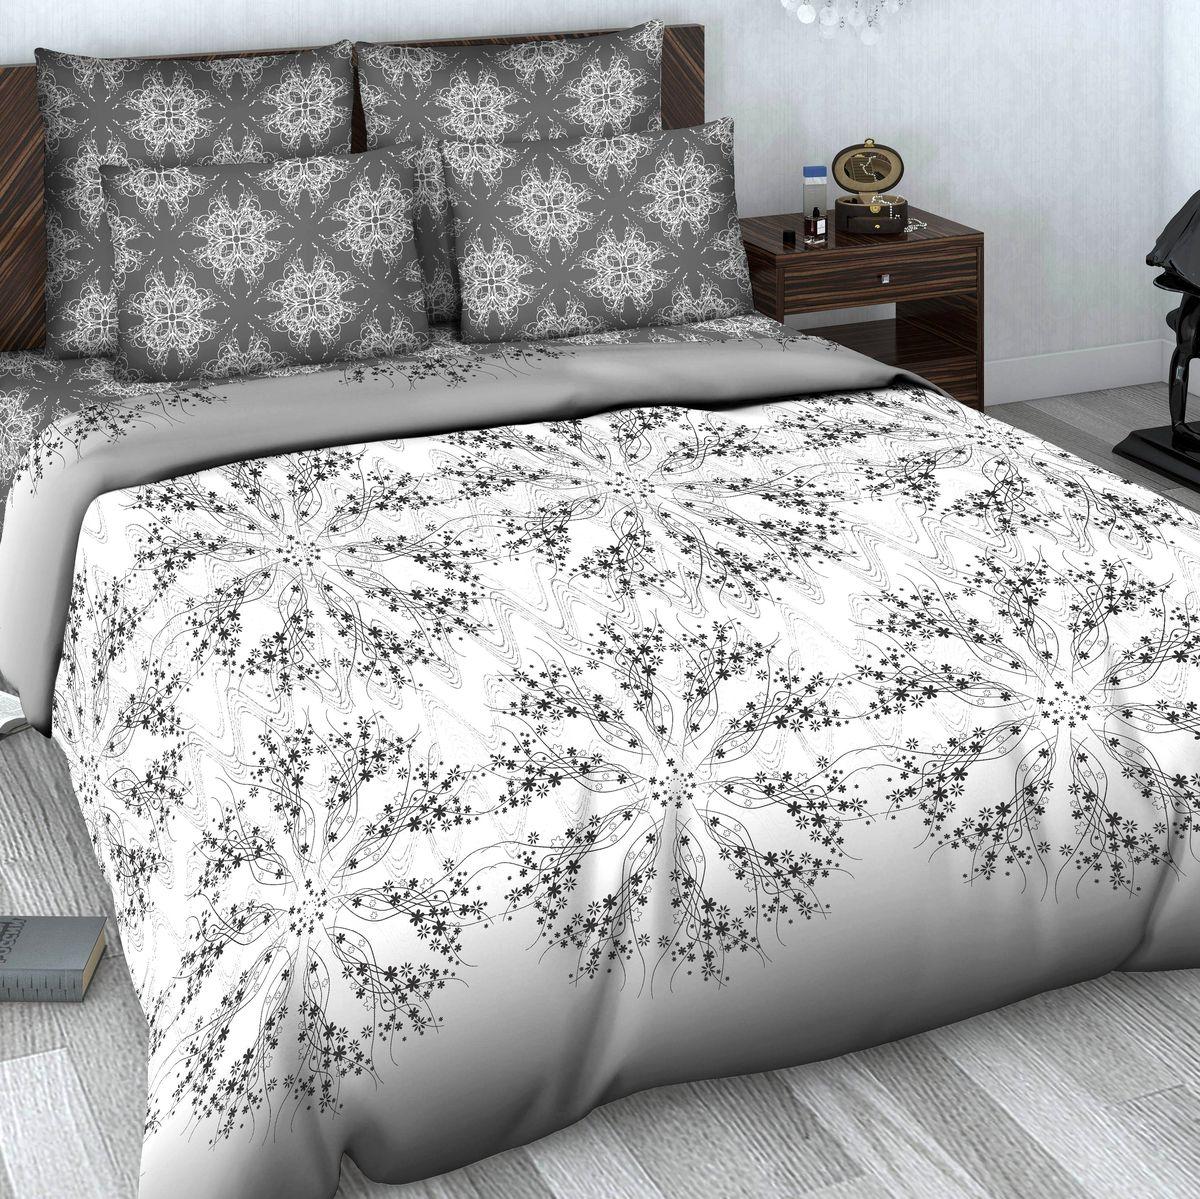 Комплект белья Василиса, 1,5-спальный, наволочки 70х70. 602/1,5